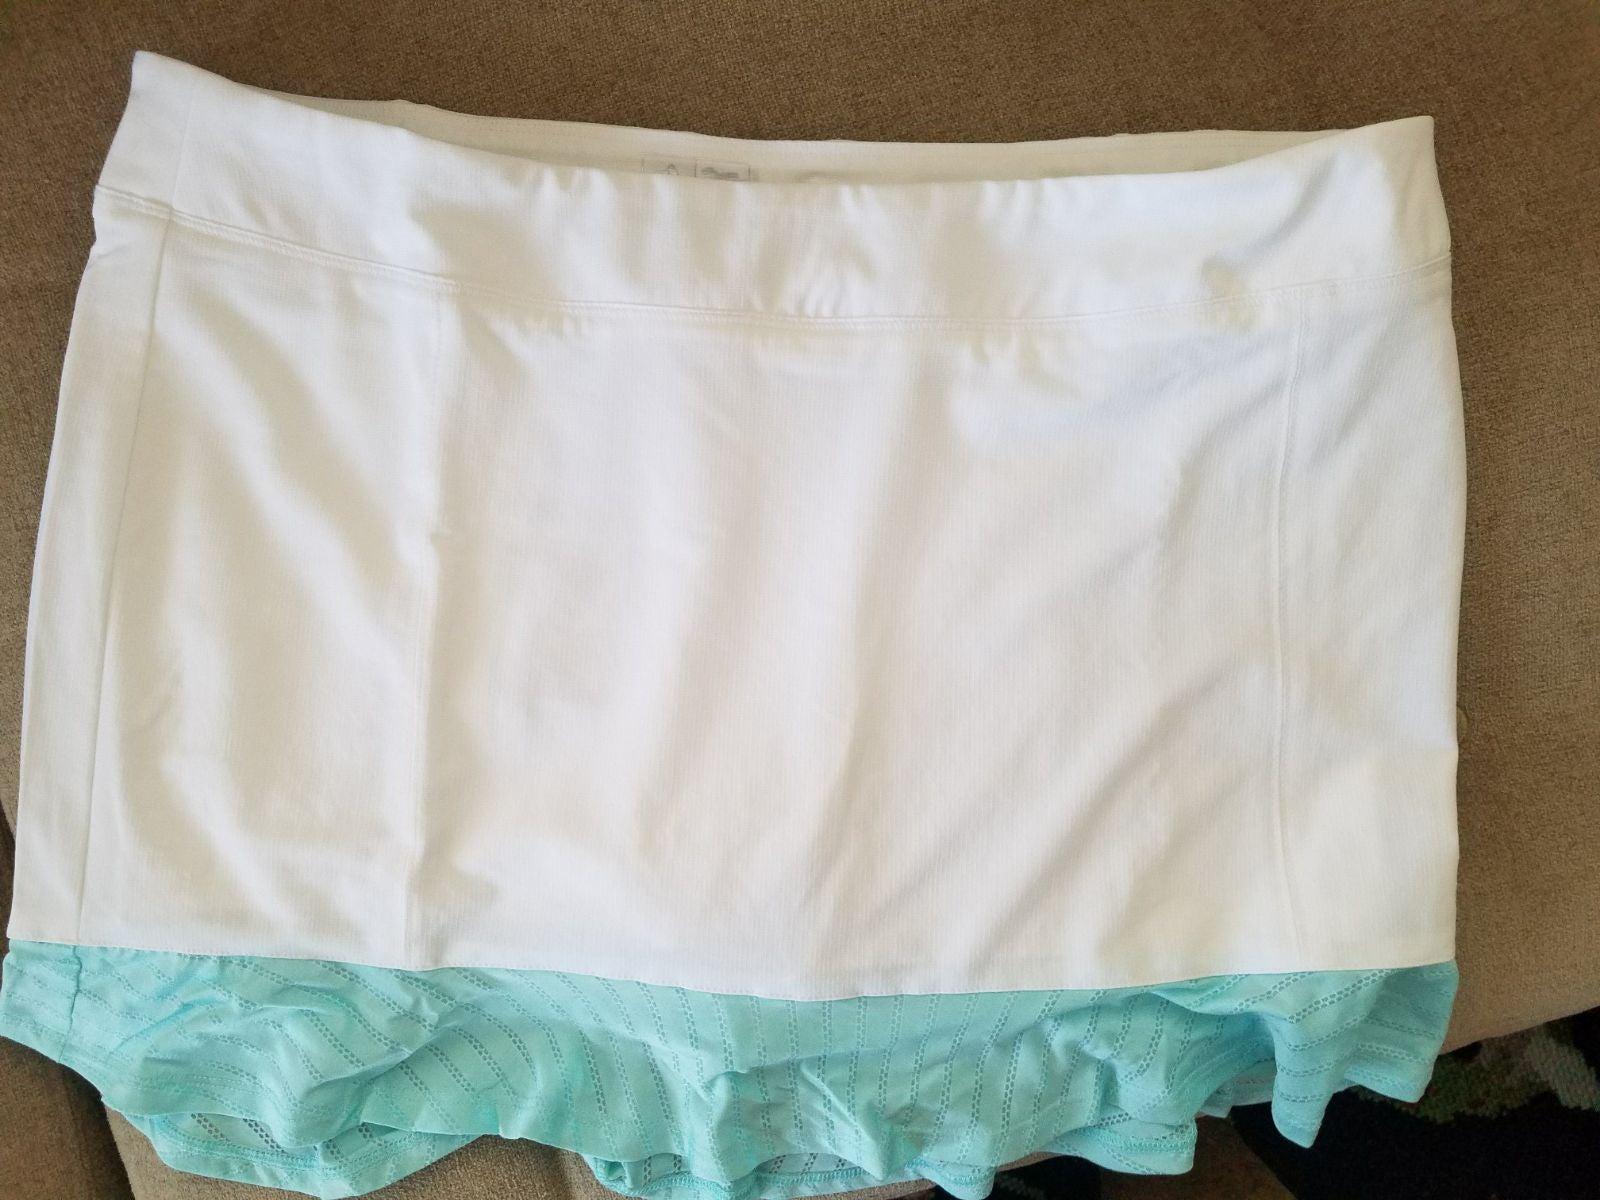 Adidas golf skirt. Size XL